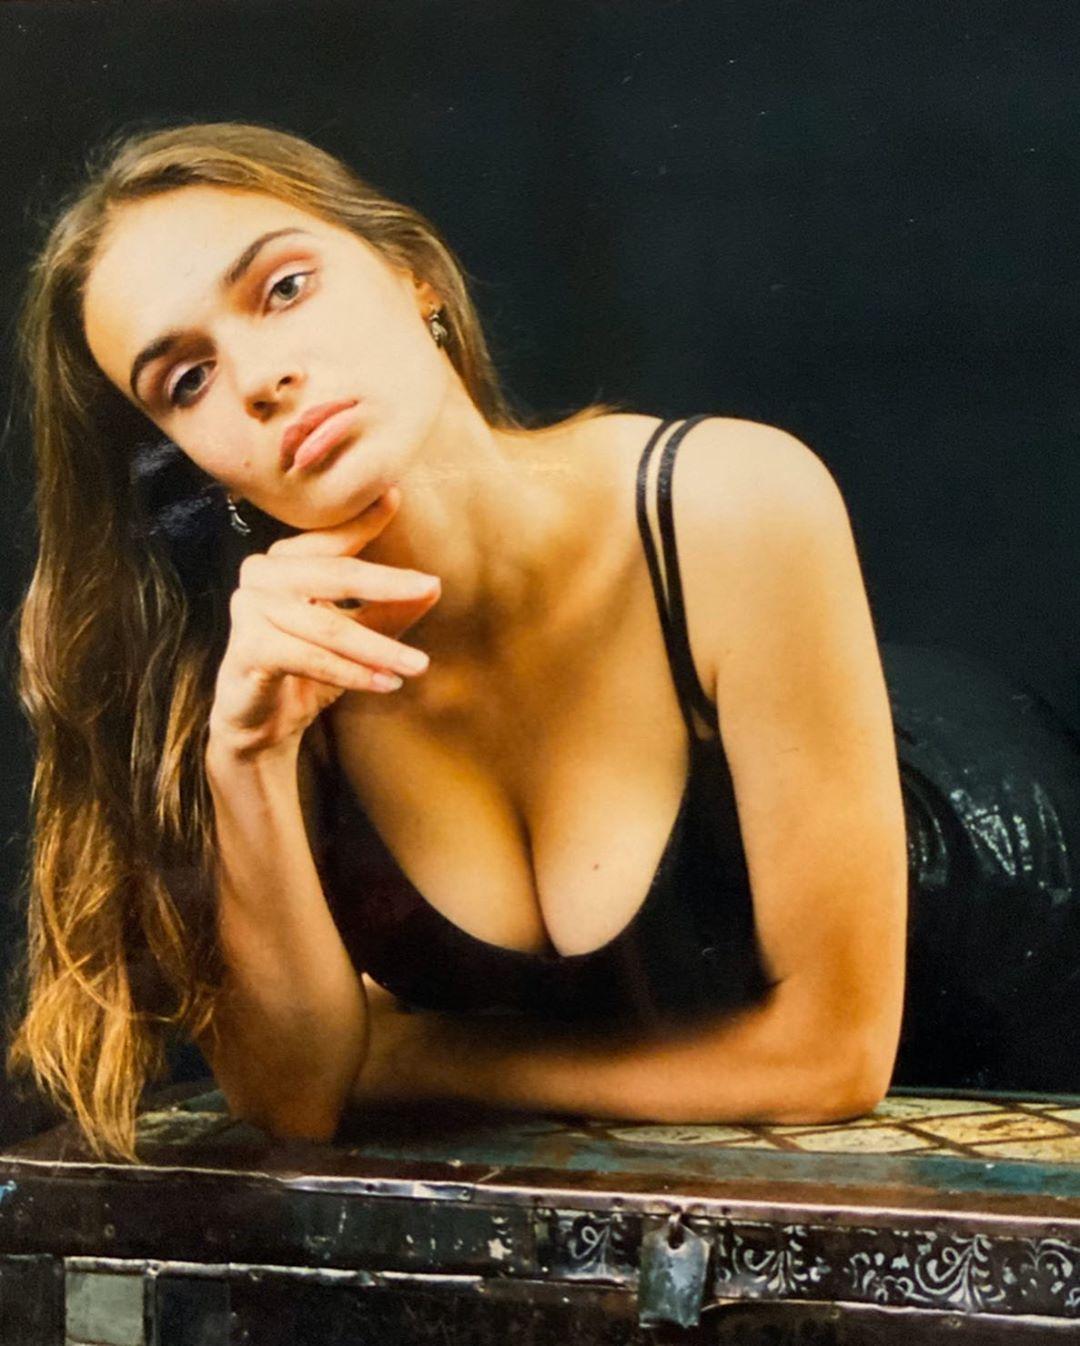 Тюмень, лето, мне 16: Алена Водонаева показала фотосессию 20-летней давности